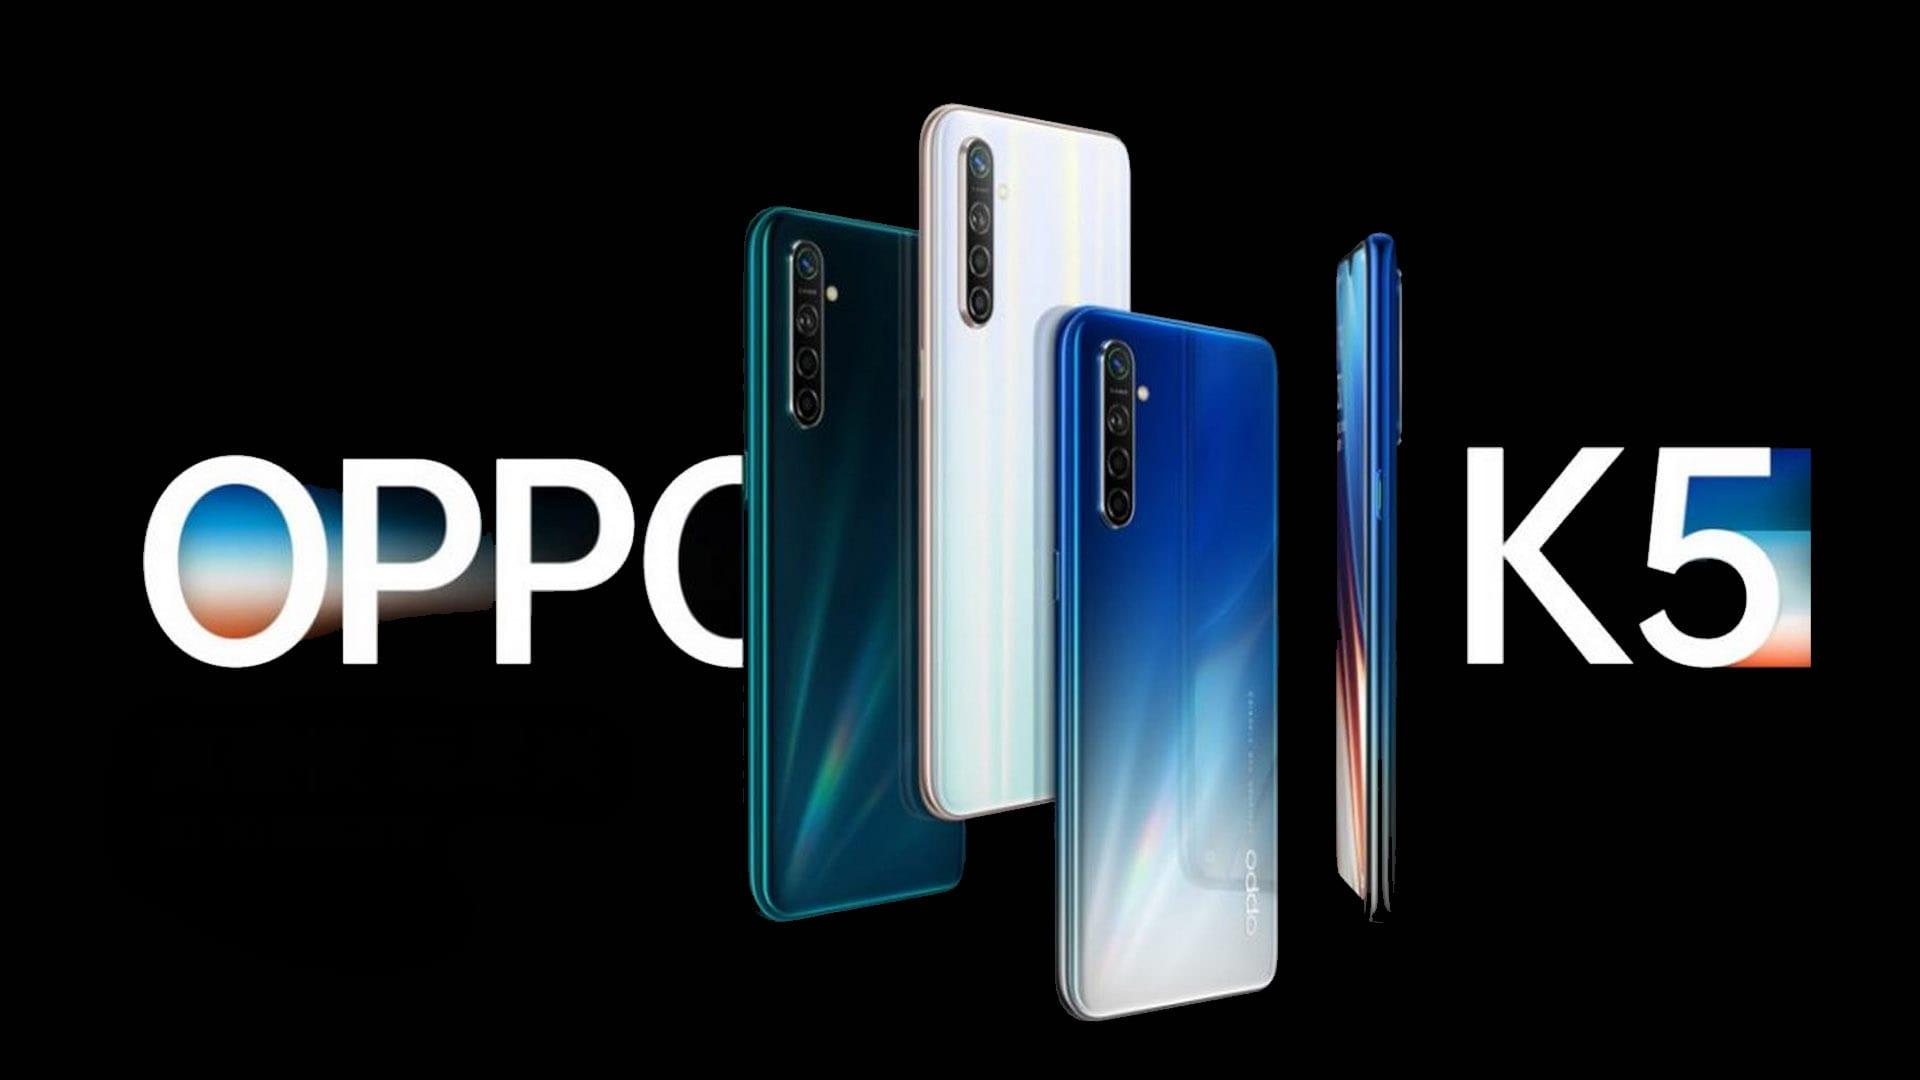 الإعلان الرسمي عن الهاتف الجديد Oppo K5 مع كاميرا بدقة 64 ميجابيكسل ومعالج Snapdragon 730G